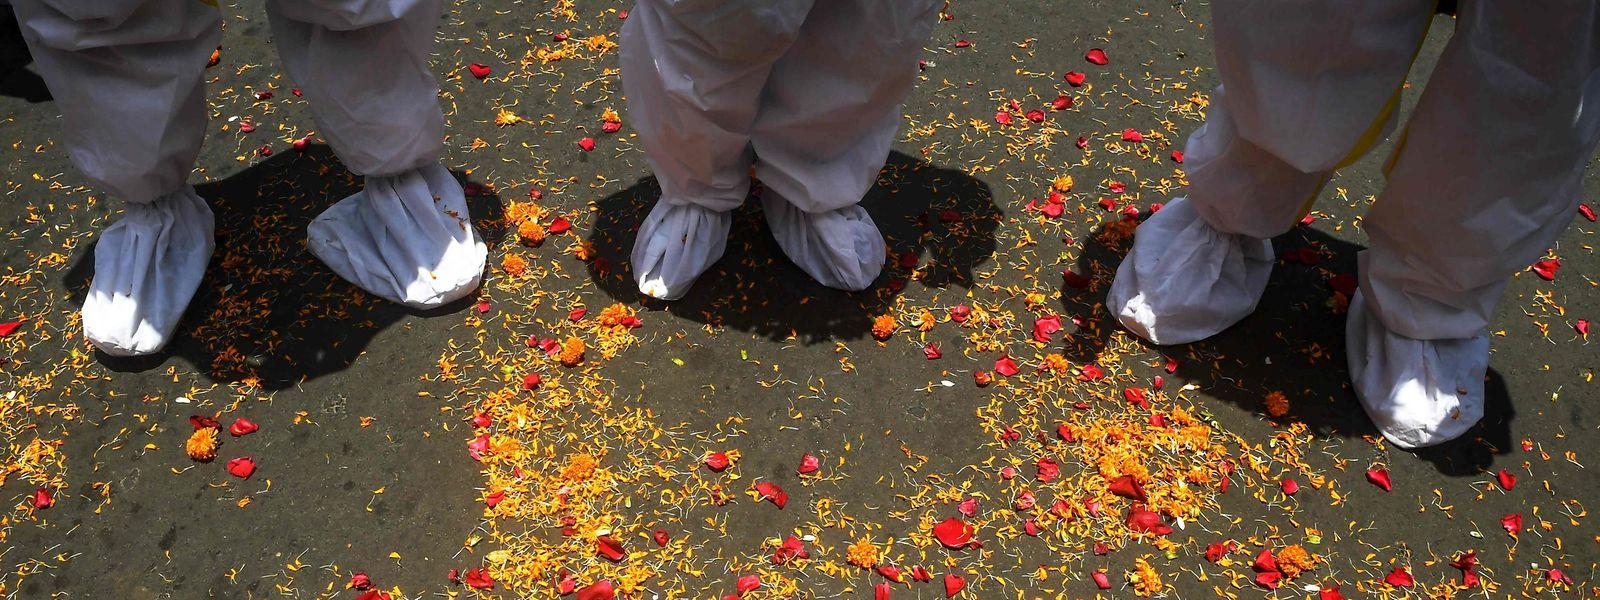 """""""Blumenregen"""" für Mitarbeiter des Gesundheitswesens in Indien. Das Land meldete am Wochenende neue Höchstwerte bei den Corona-Infektionen"""